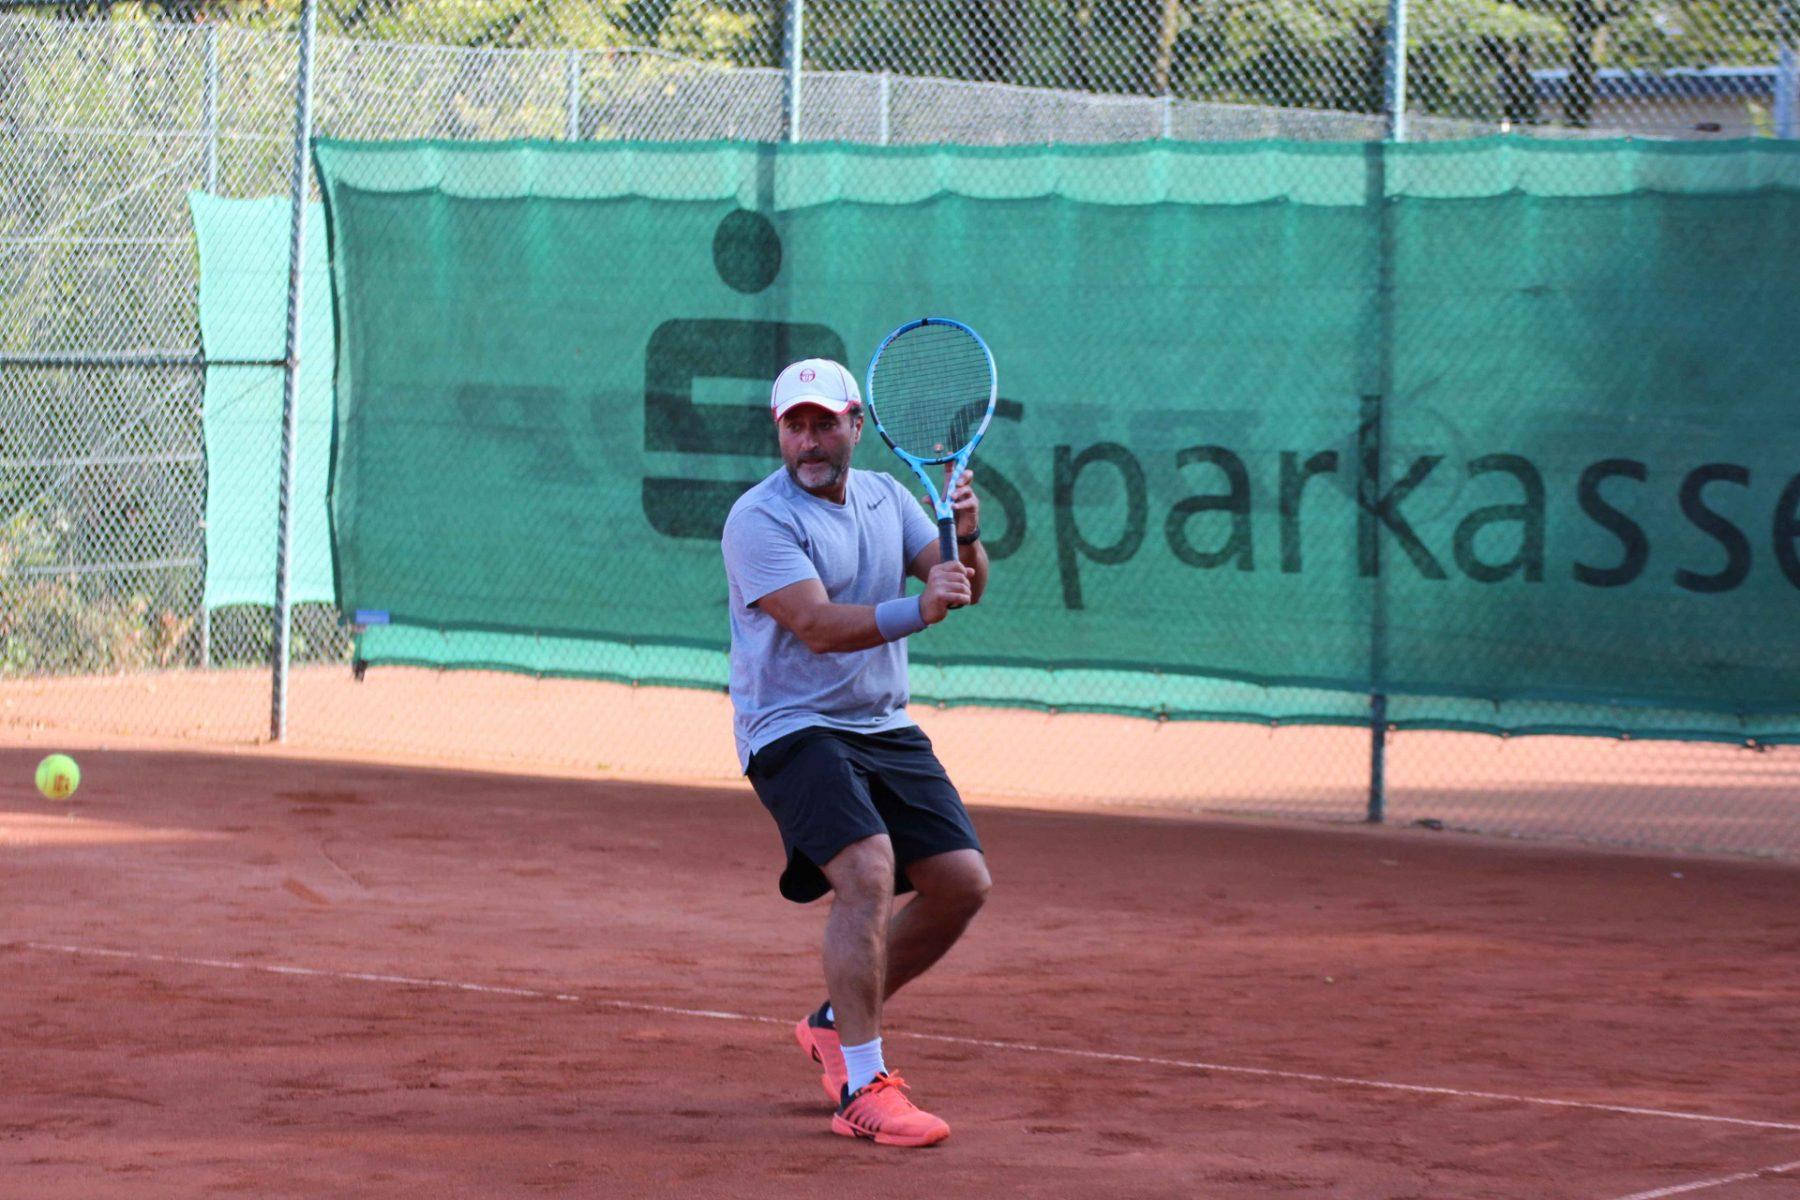 telekom-post-sv-bielefeld-tennisabteilung-vereinsmeisterschaften-2020-impressionen-13-hp